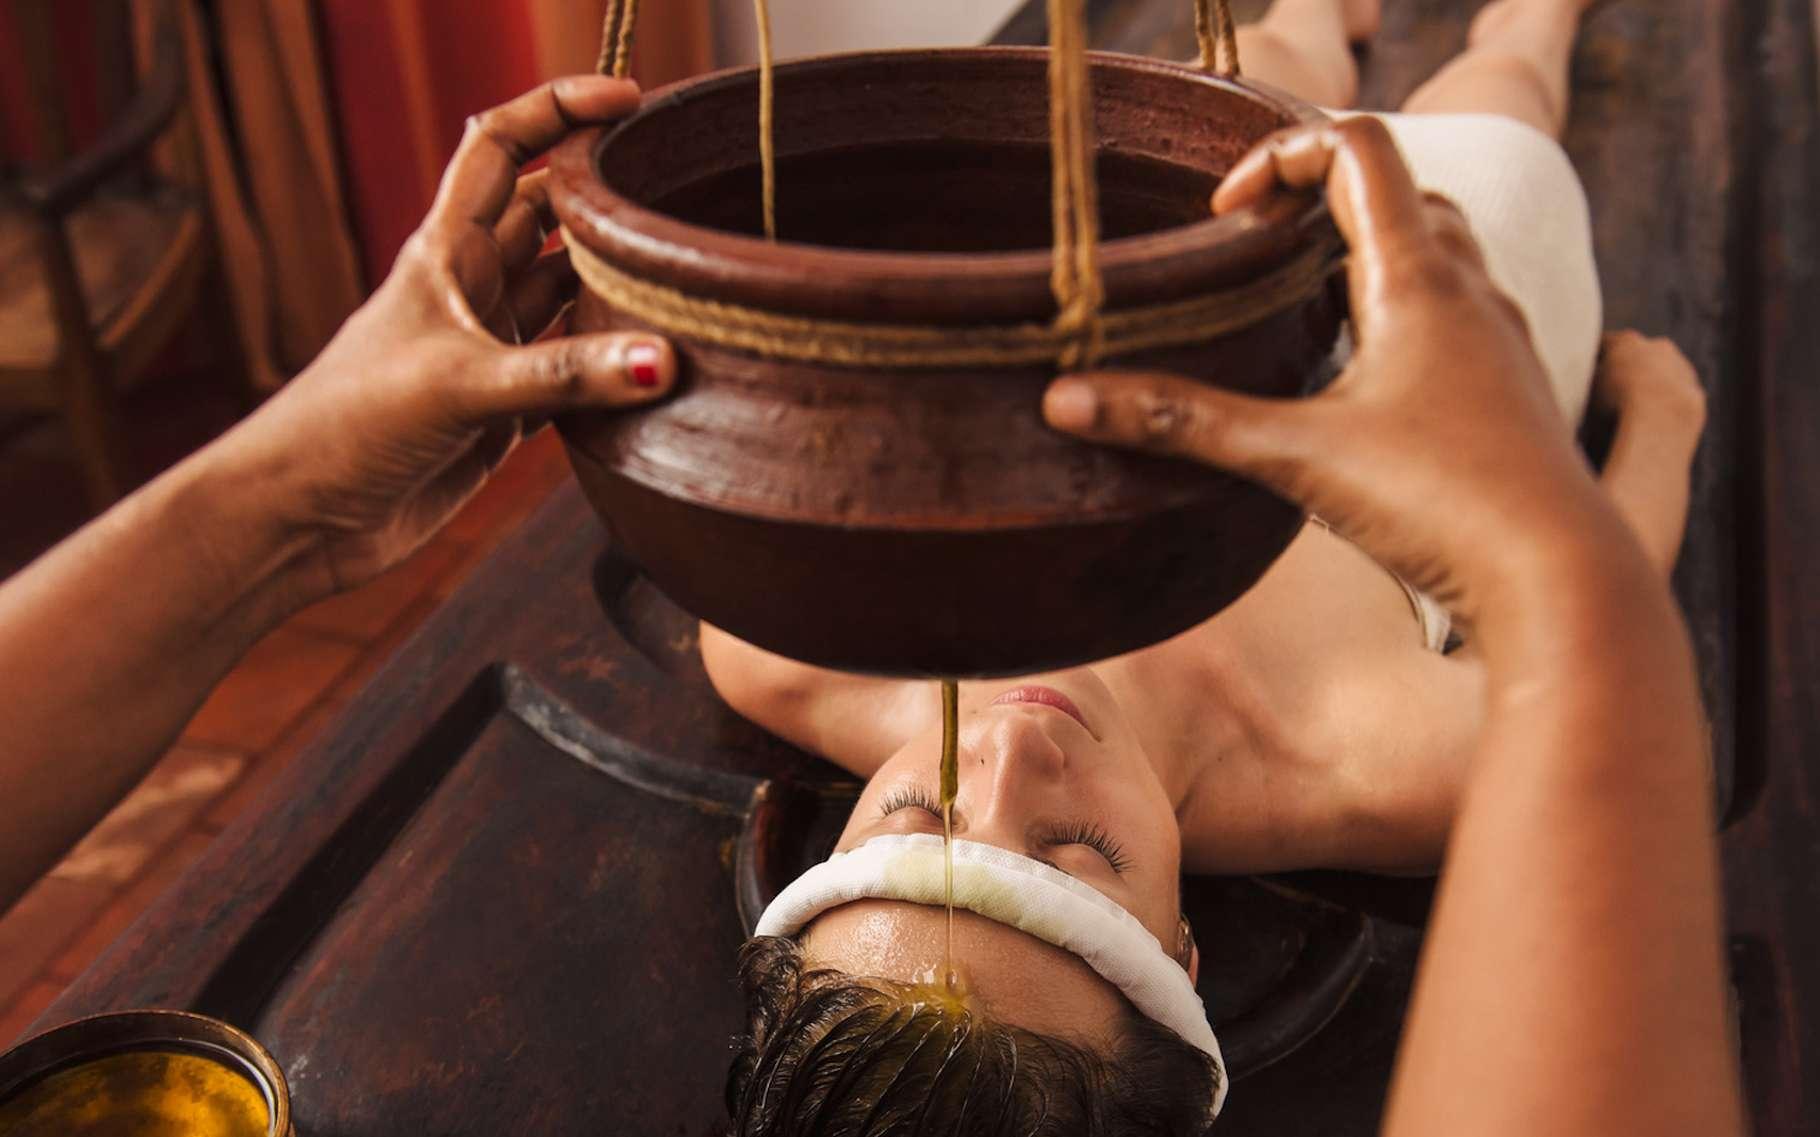 Parmi les soins prodigués lors d'une cure ayurvédique : le modelage du front par écoulement d'un filet d'huile. Il permet de diminuer l'anxiété du patient. © gilitukha, Fotolia